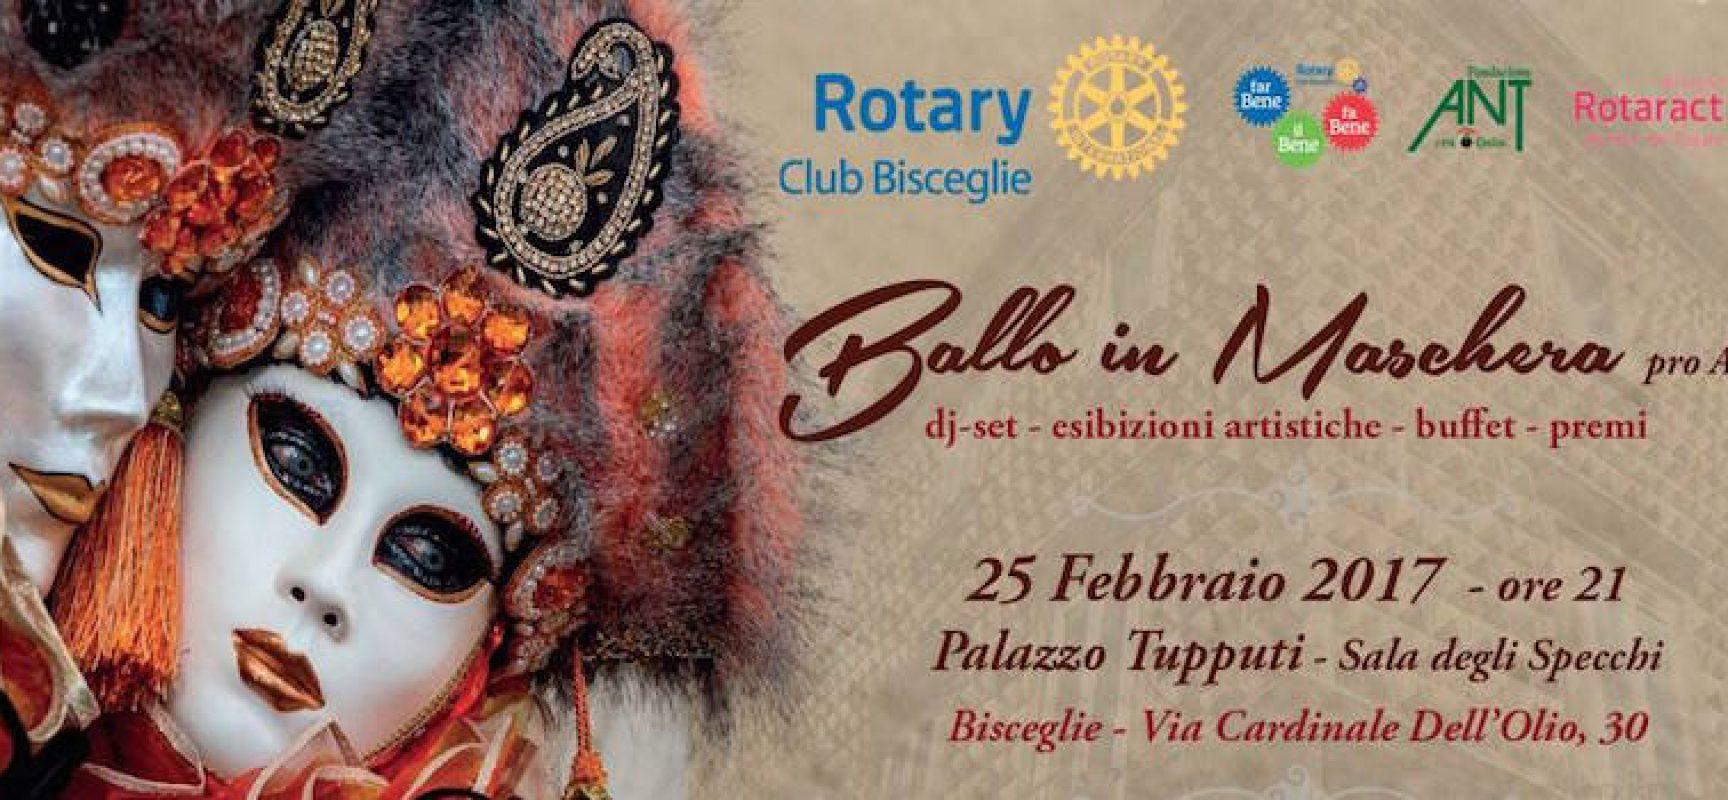 """Il Rotary organizza un """"Ballo in maschera"""" a sostegno dell'Ant, tra divertimento e solidarietà"""